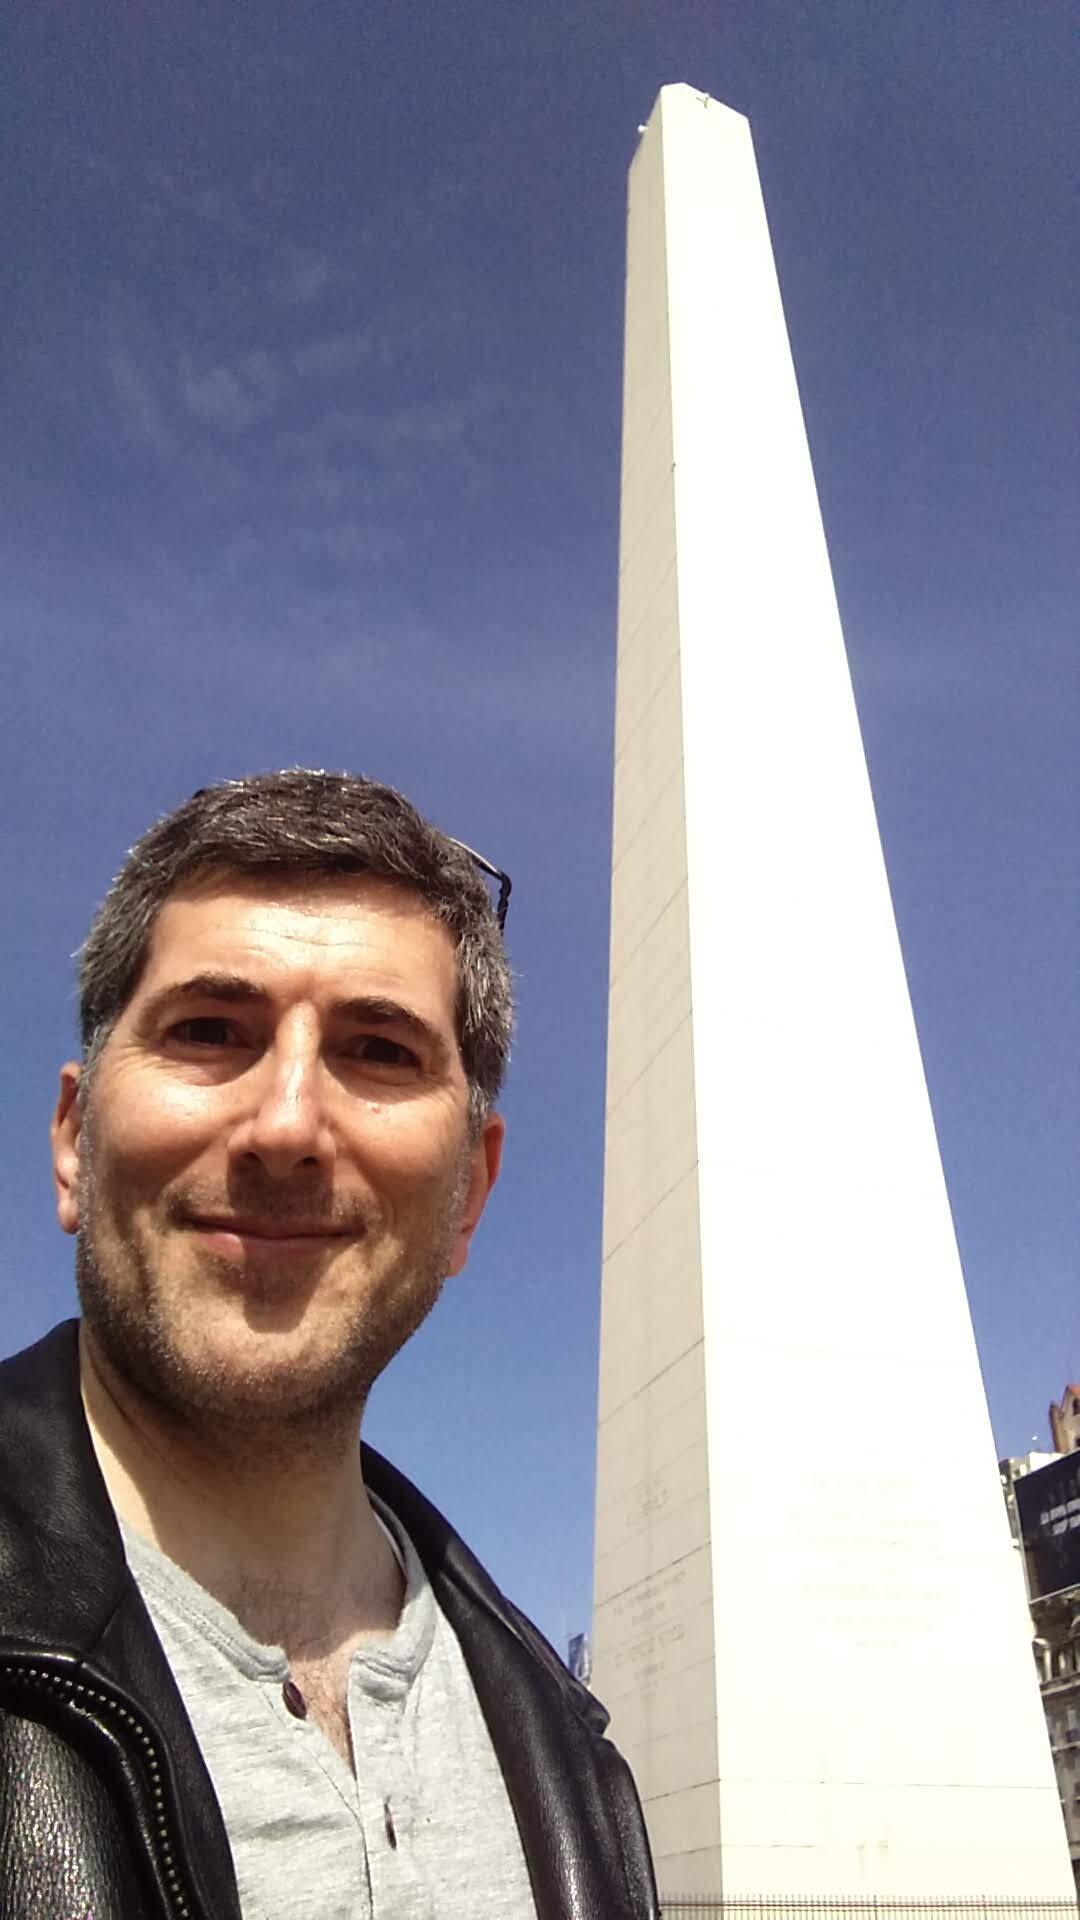 El Obelisco in Plaza de la República, Buenos Aires, Argentina